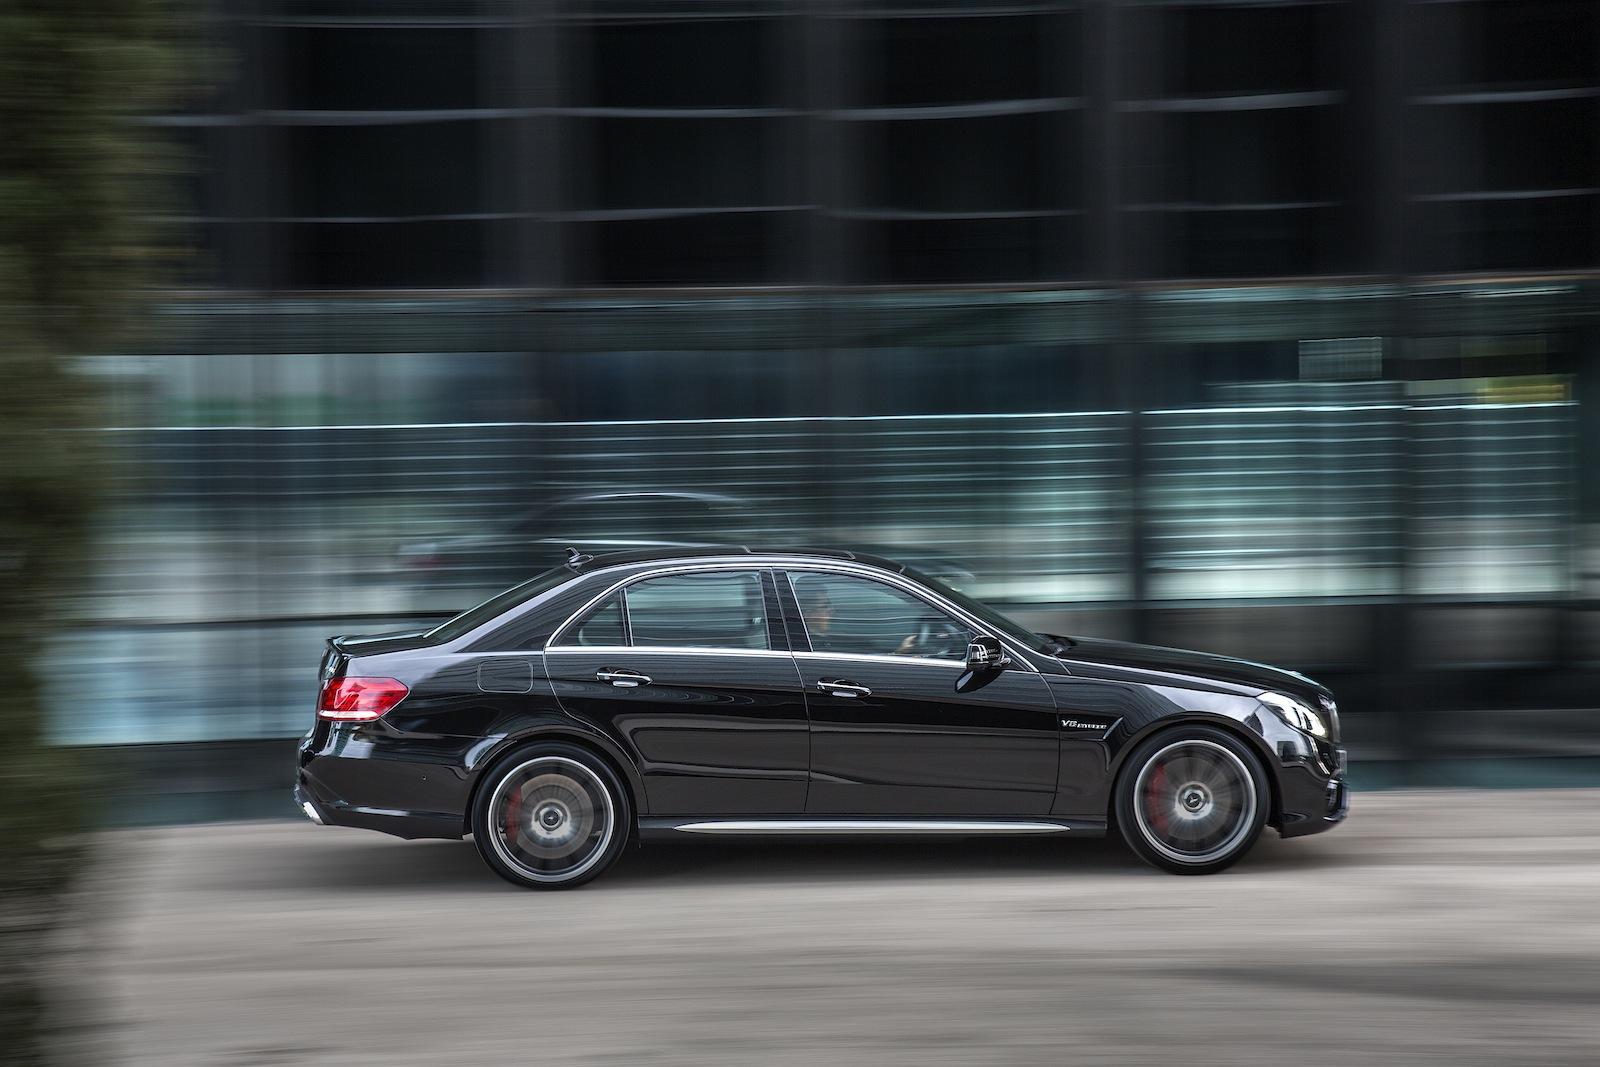 2013 Mercedes Benz E63 Amg Review Photos Caradvice